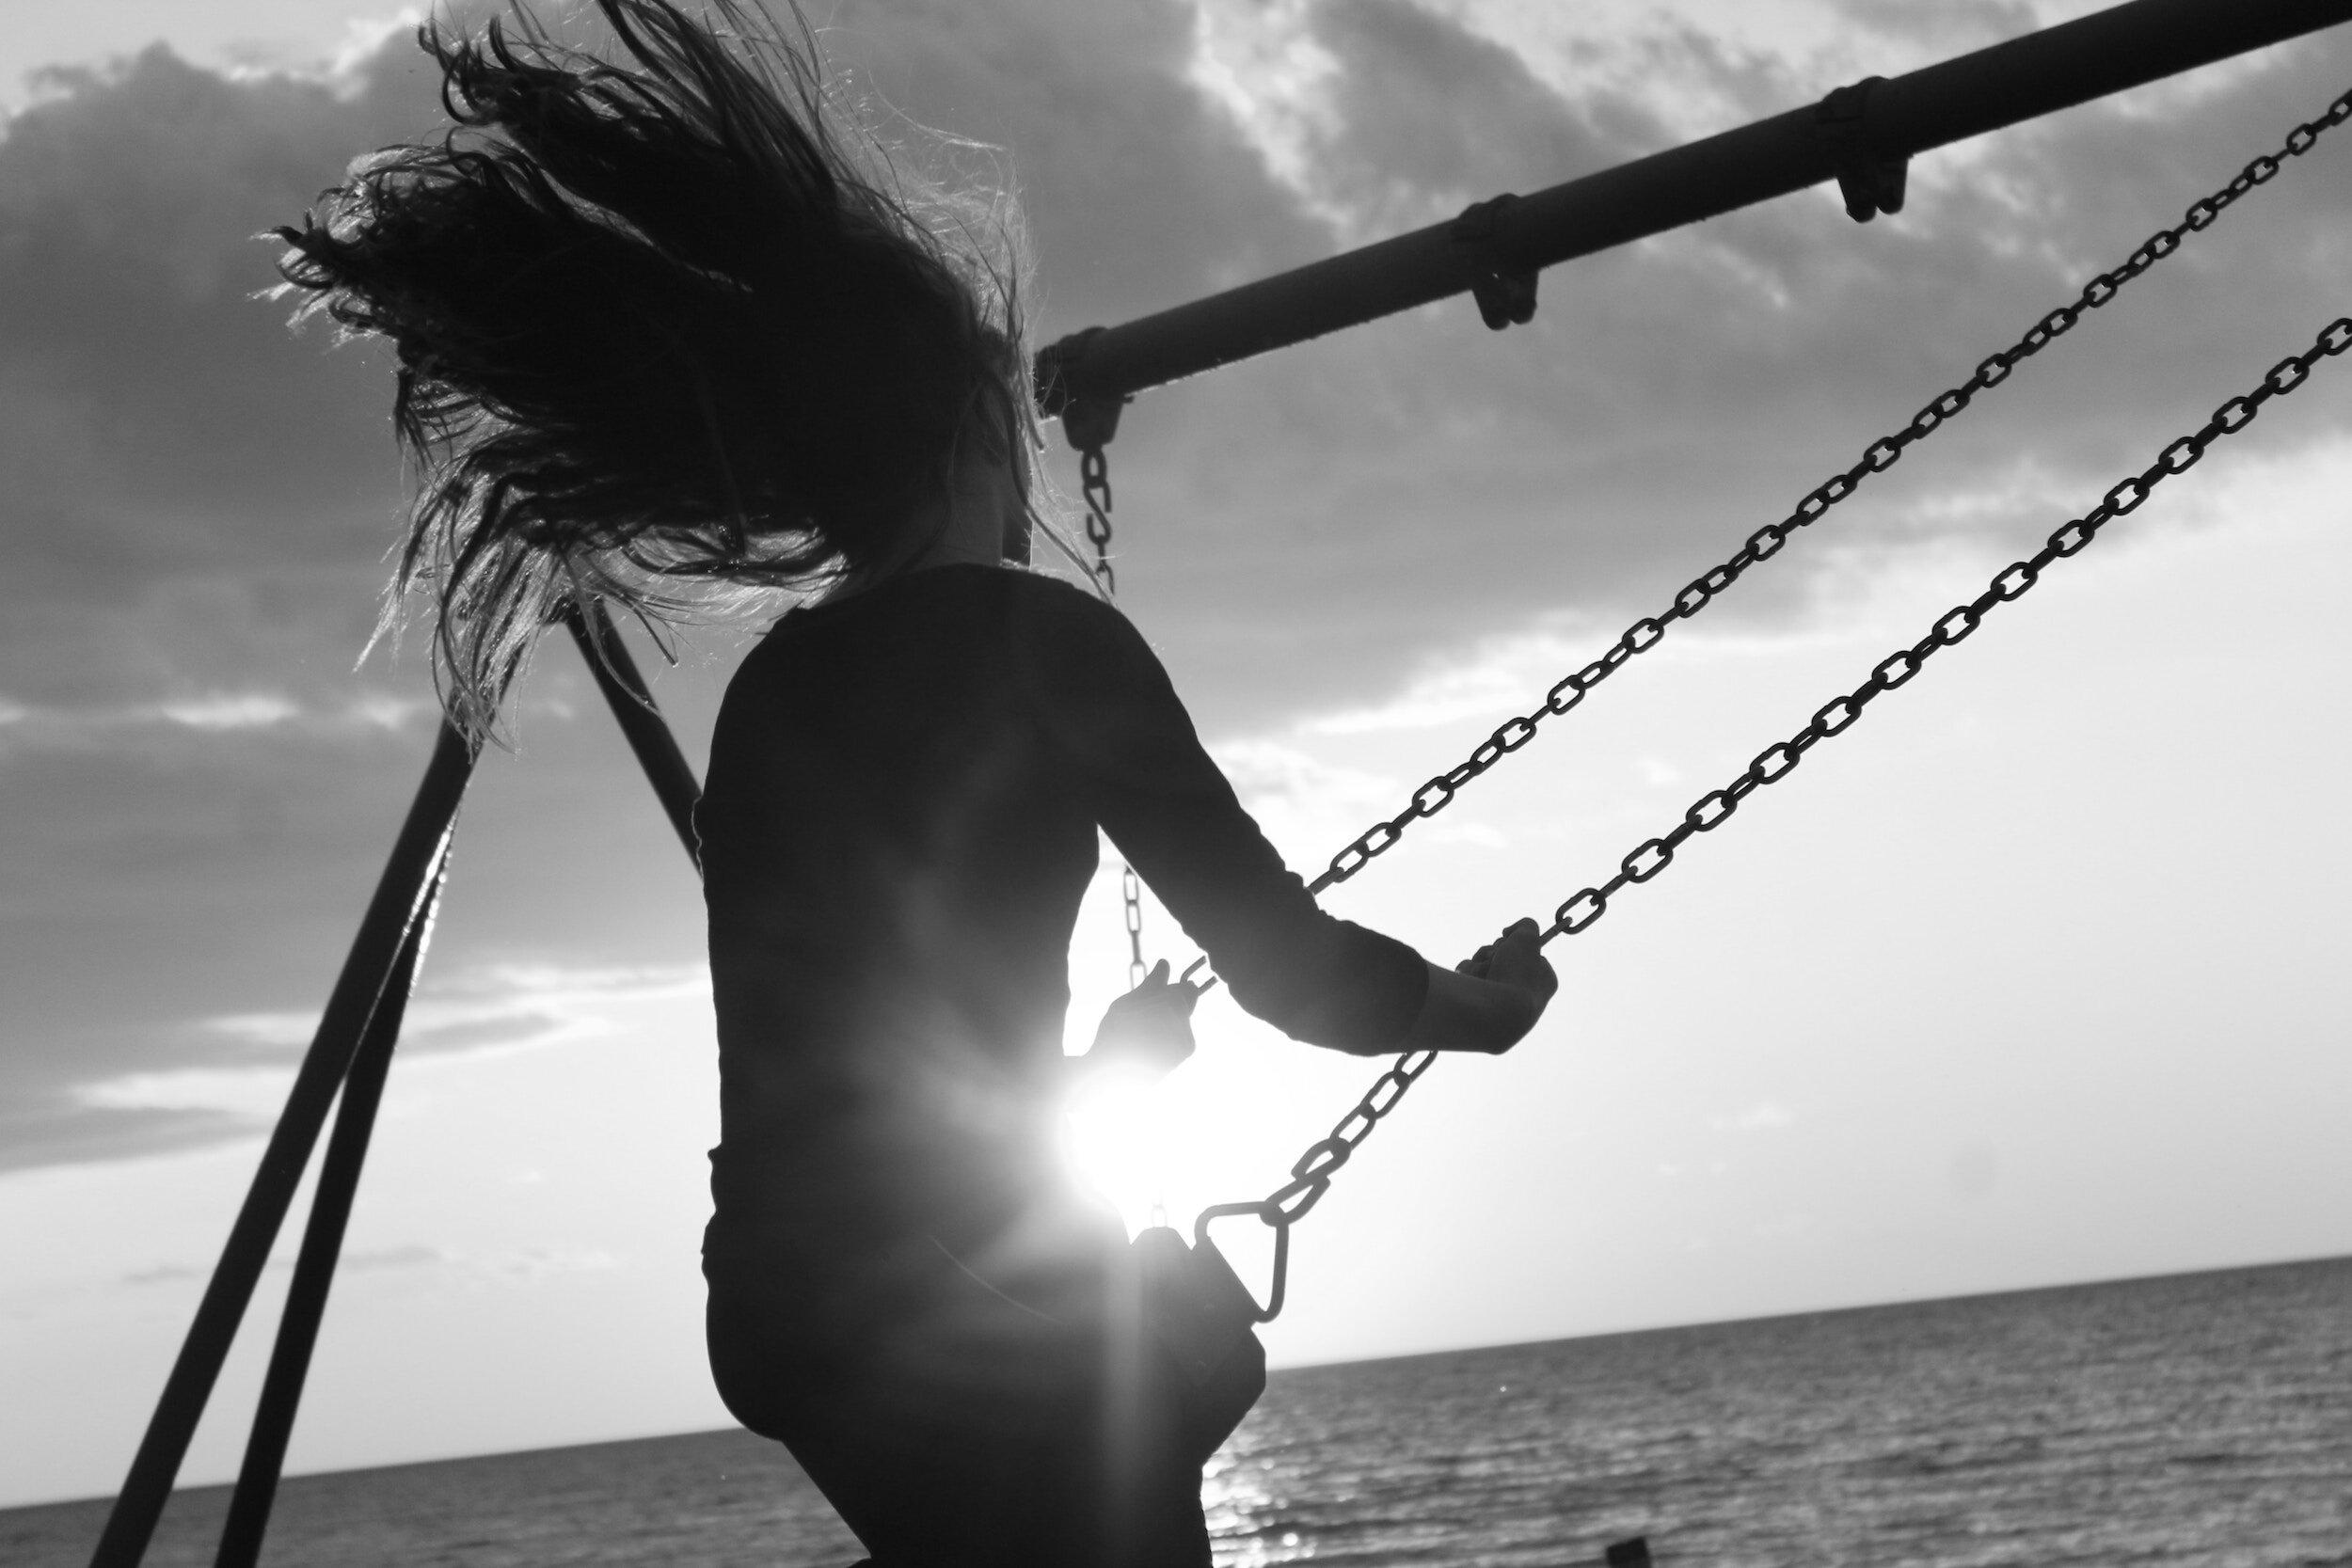 woman on a swing.jpg